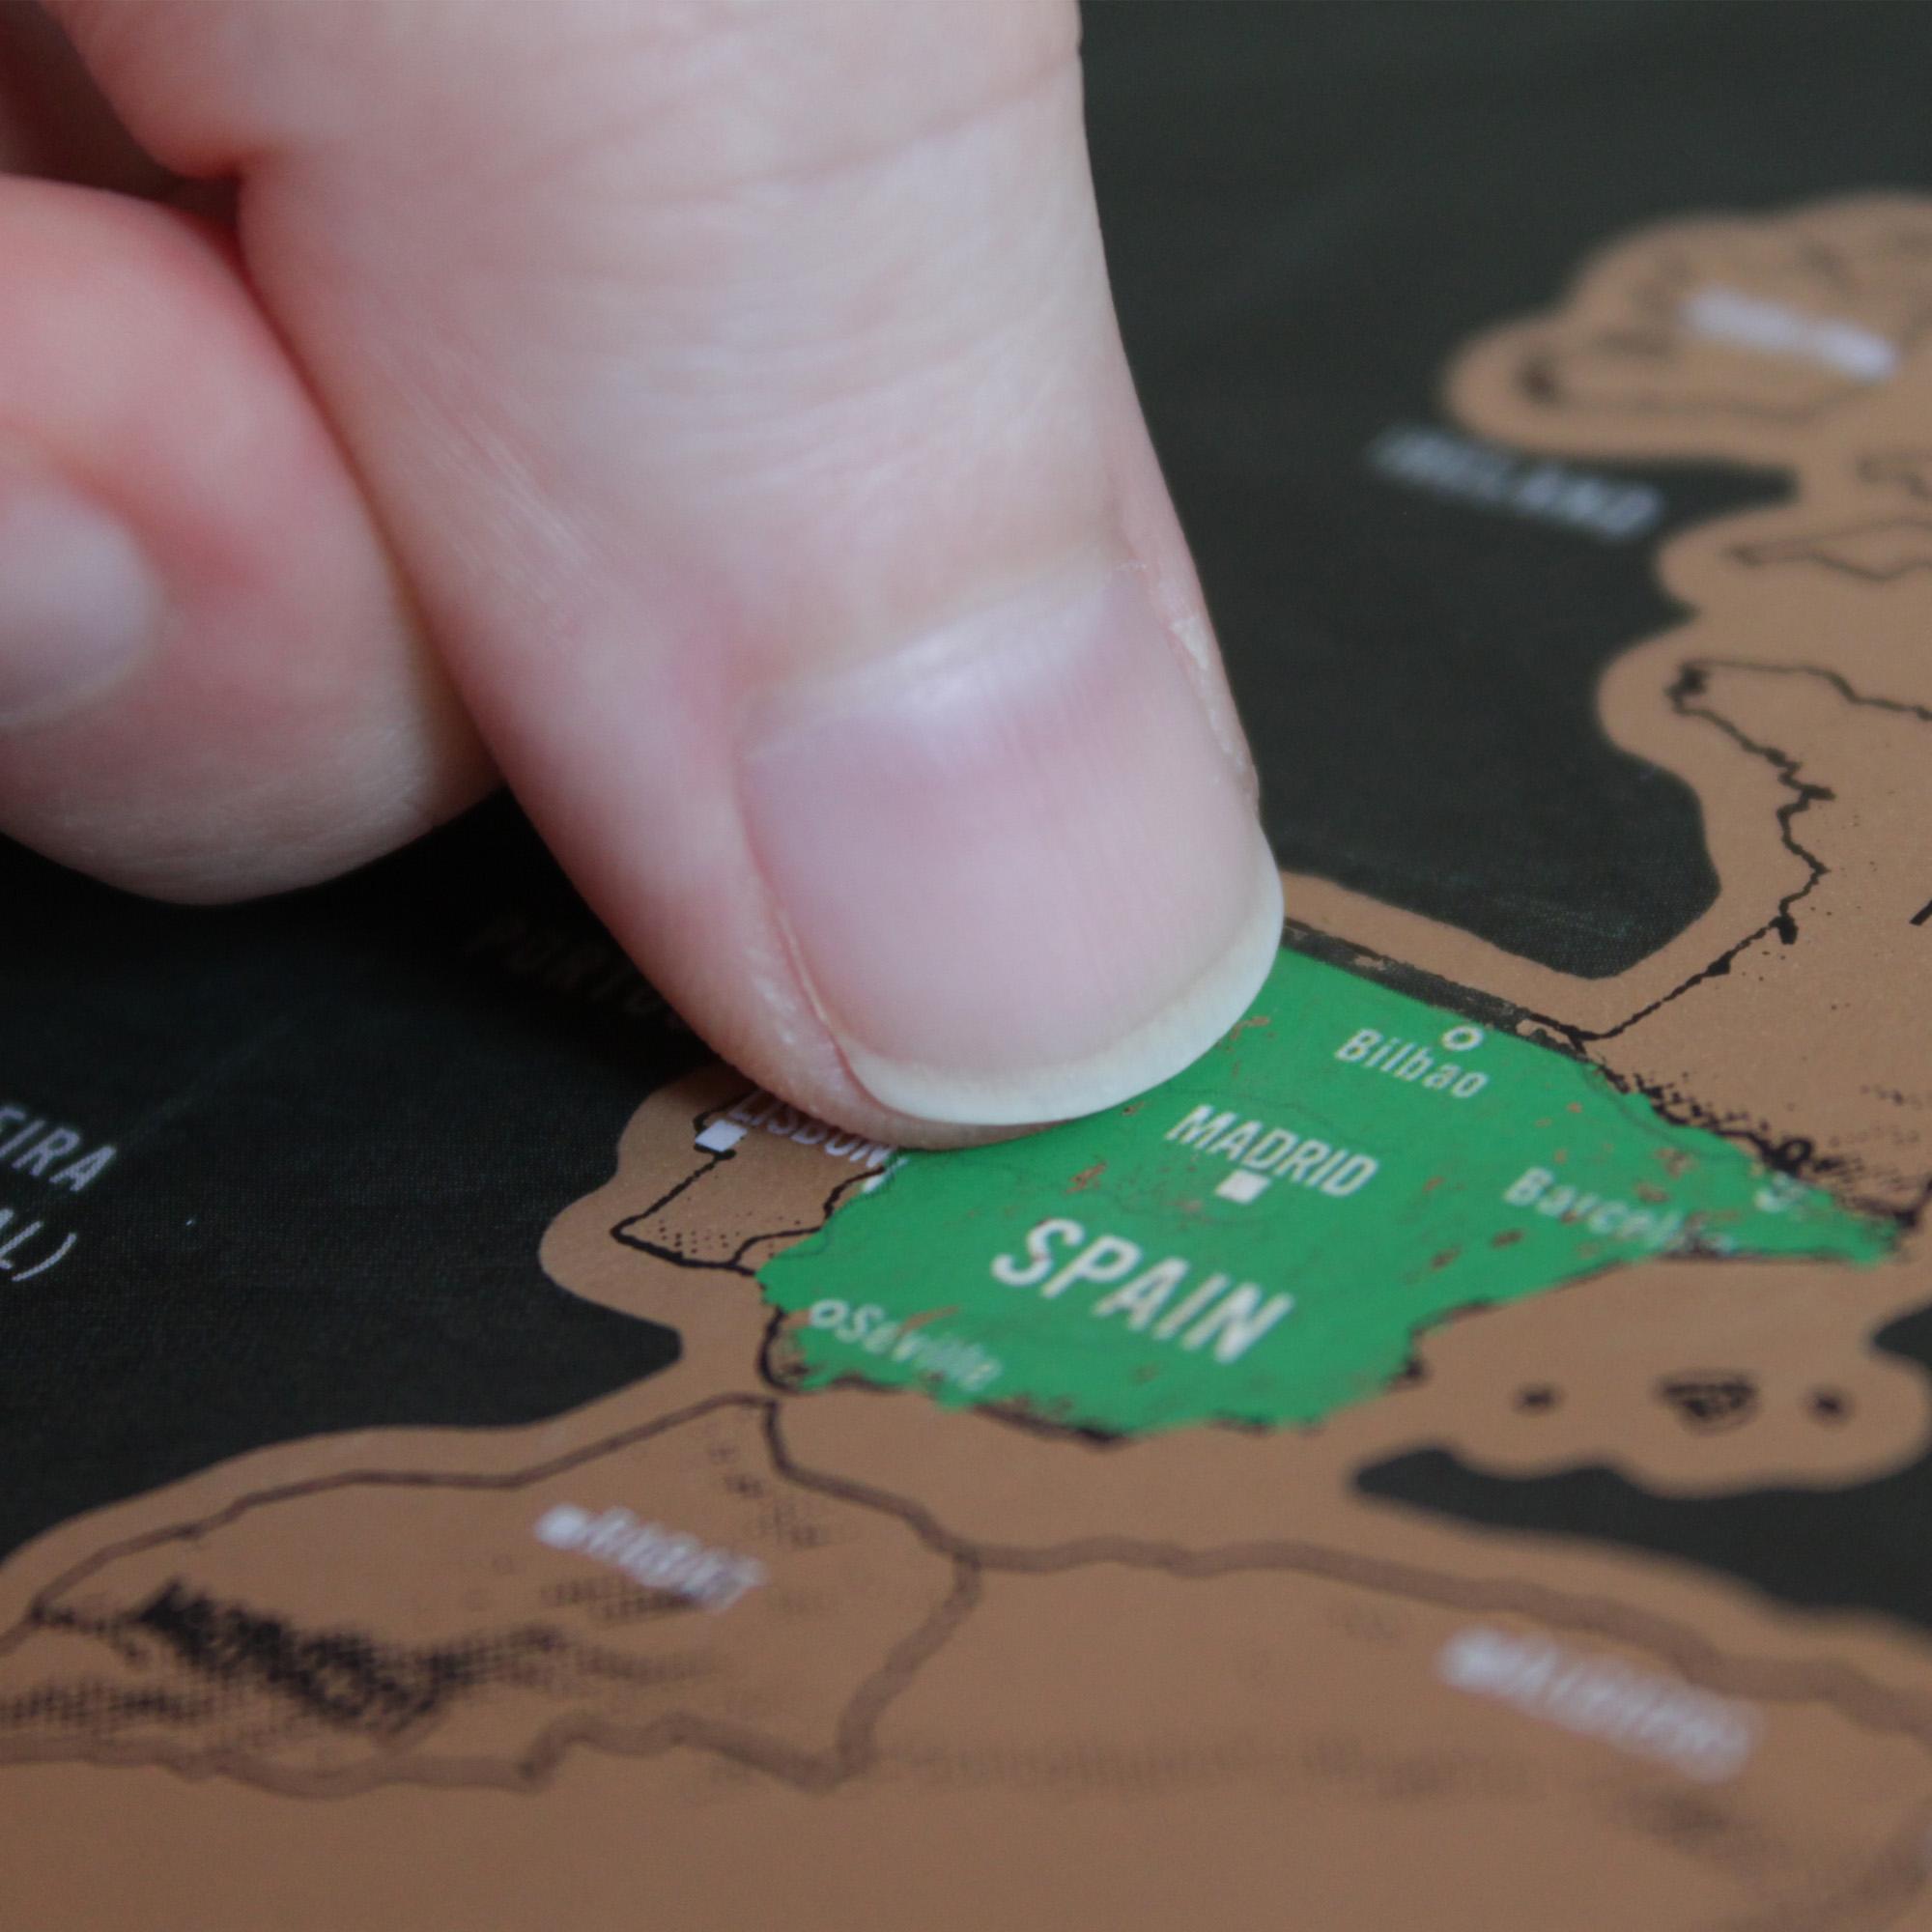 mapa raspadinha 1